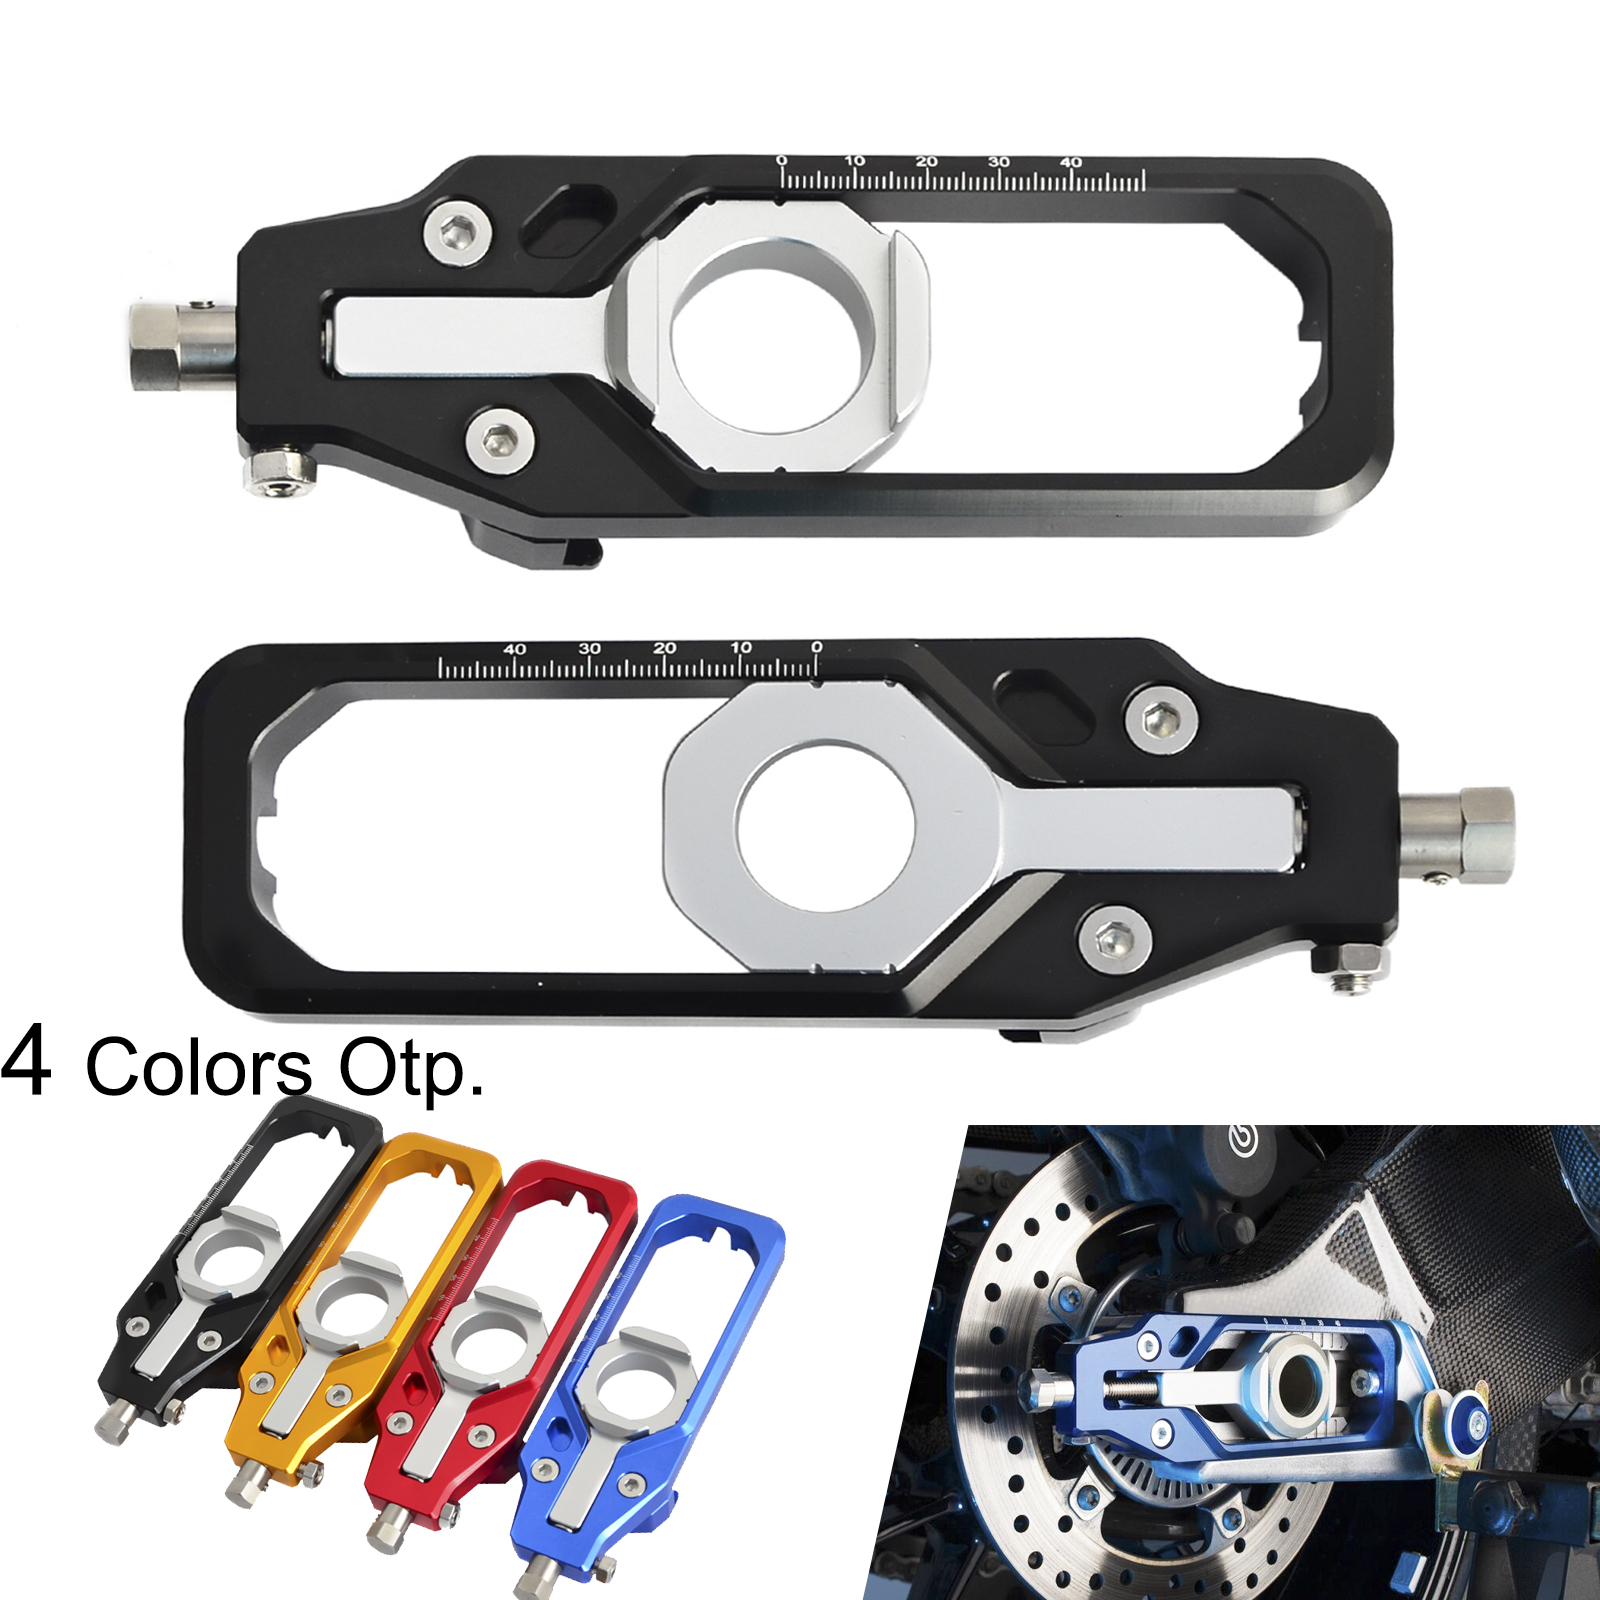 Ajustador Cadeia Tensores NICECNC Motocicleta CNC Eixo Traseiro Para BMW S1000R S1000RR S 1000R HP4 1000RR S 1000 RR 2009 -2017